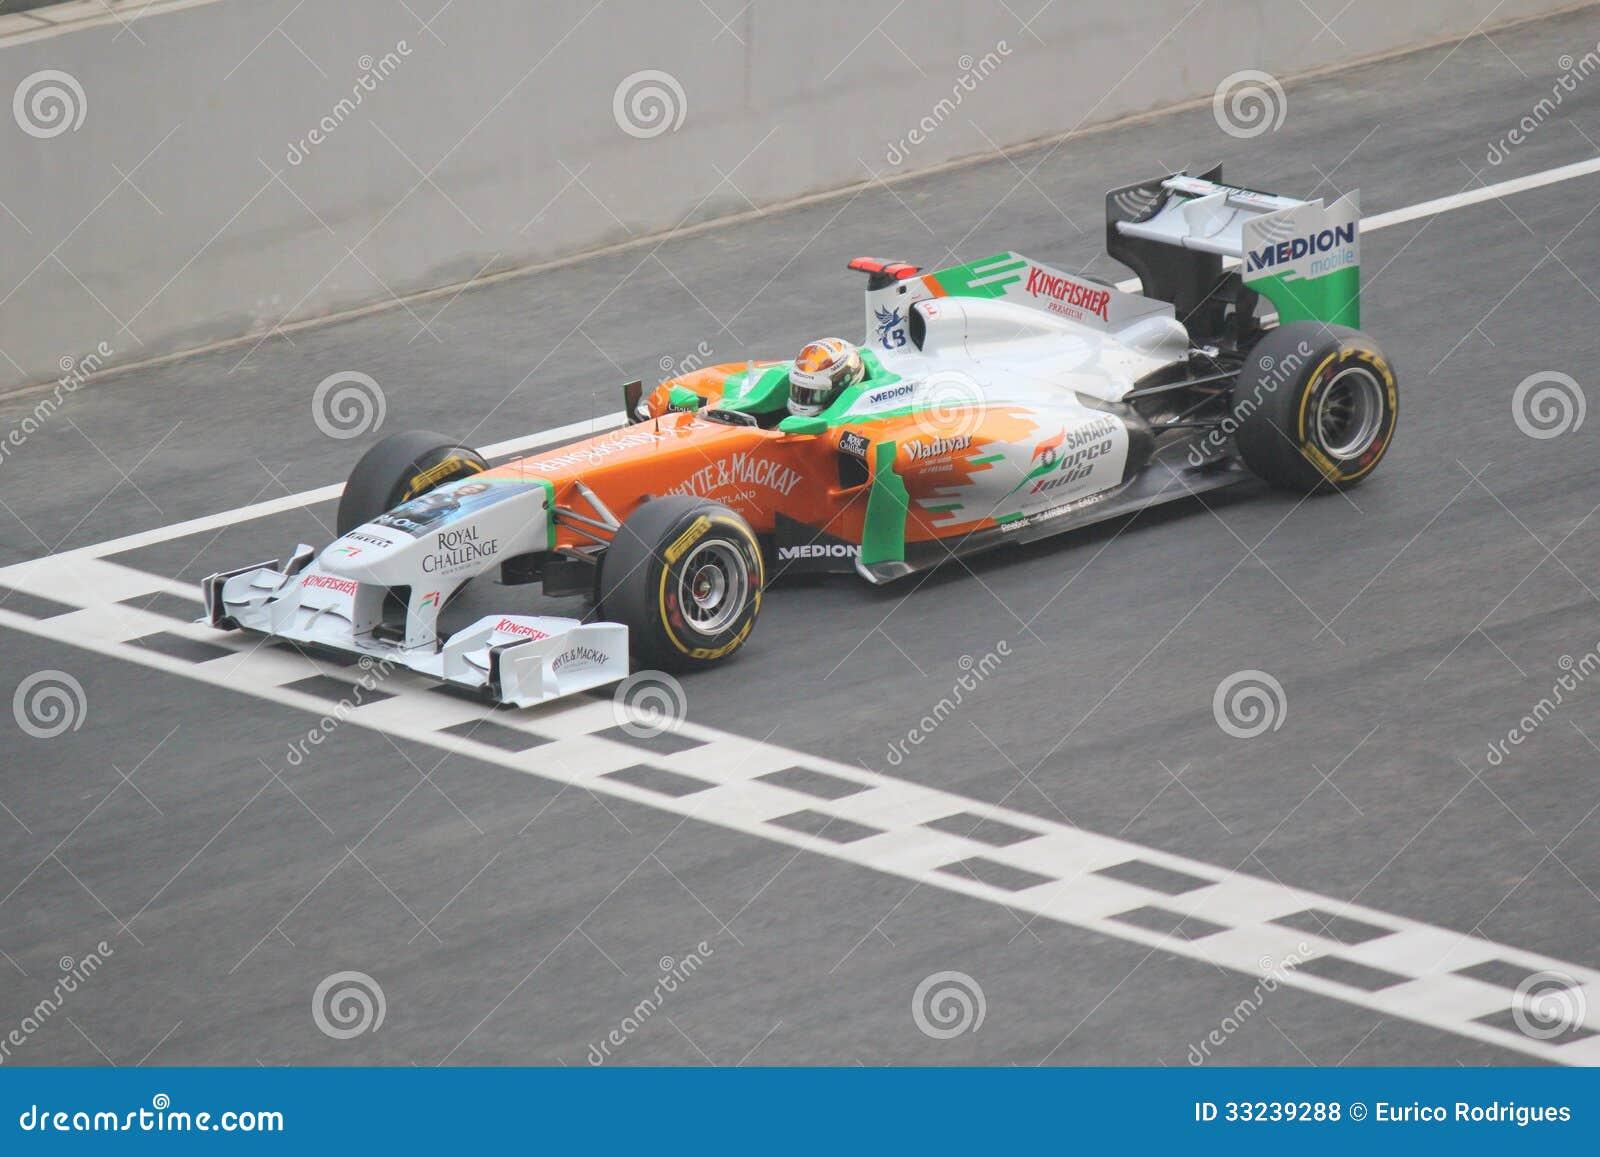 voiture de course de formule 1 commencez la ligne photo stock ditorial image 33239288. Black Bedroom Furniture Sets. Home Design Ideas